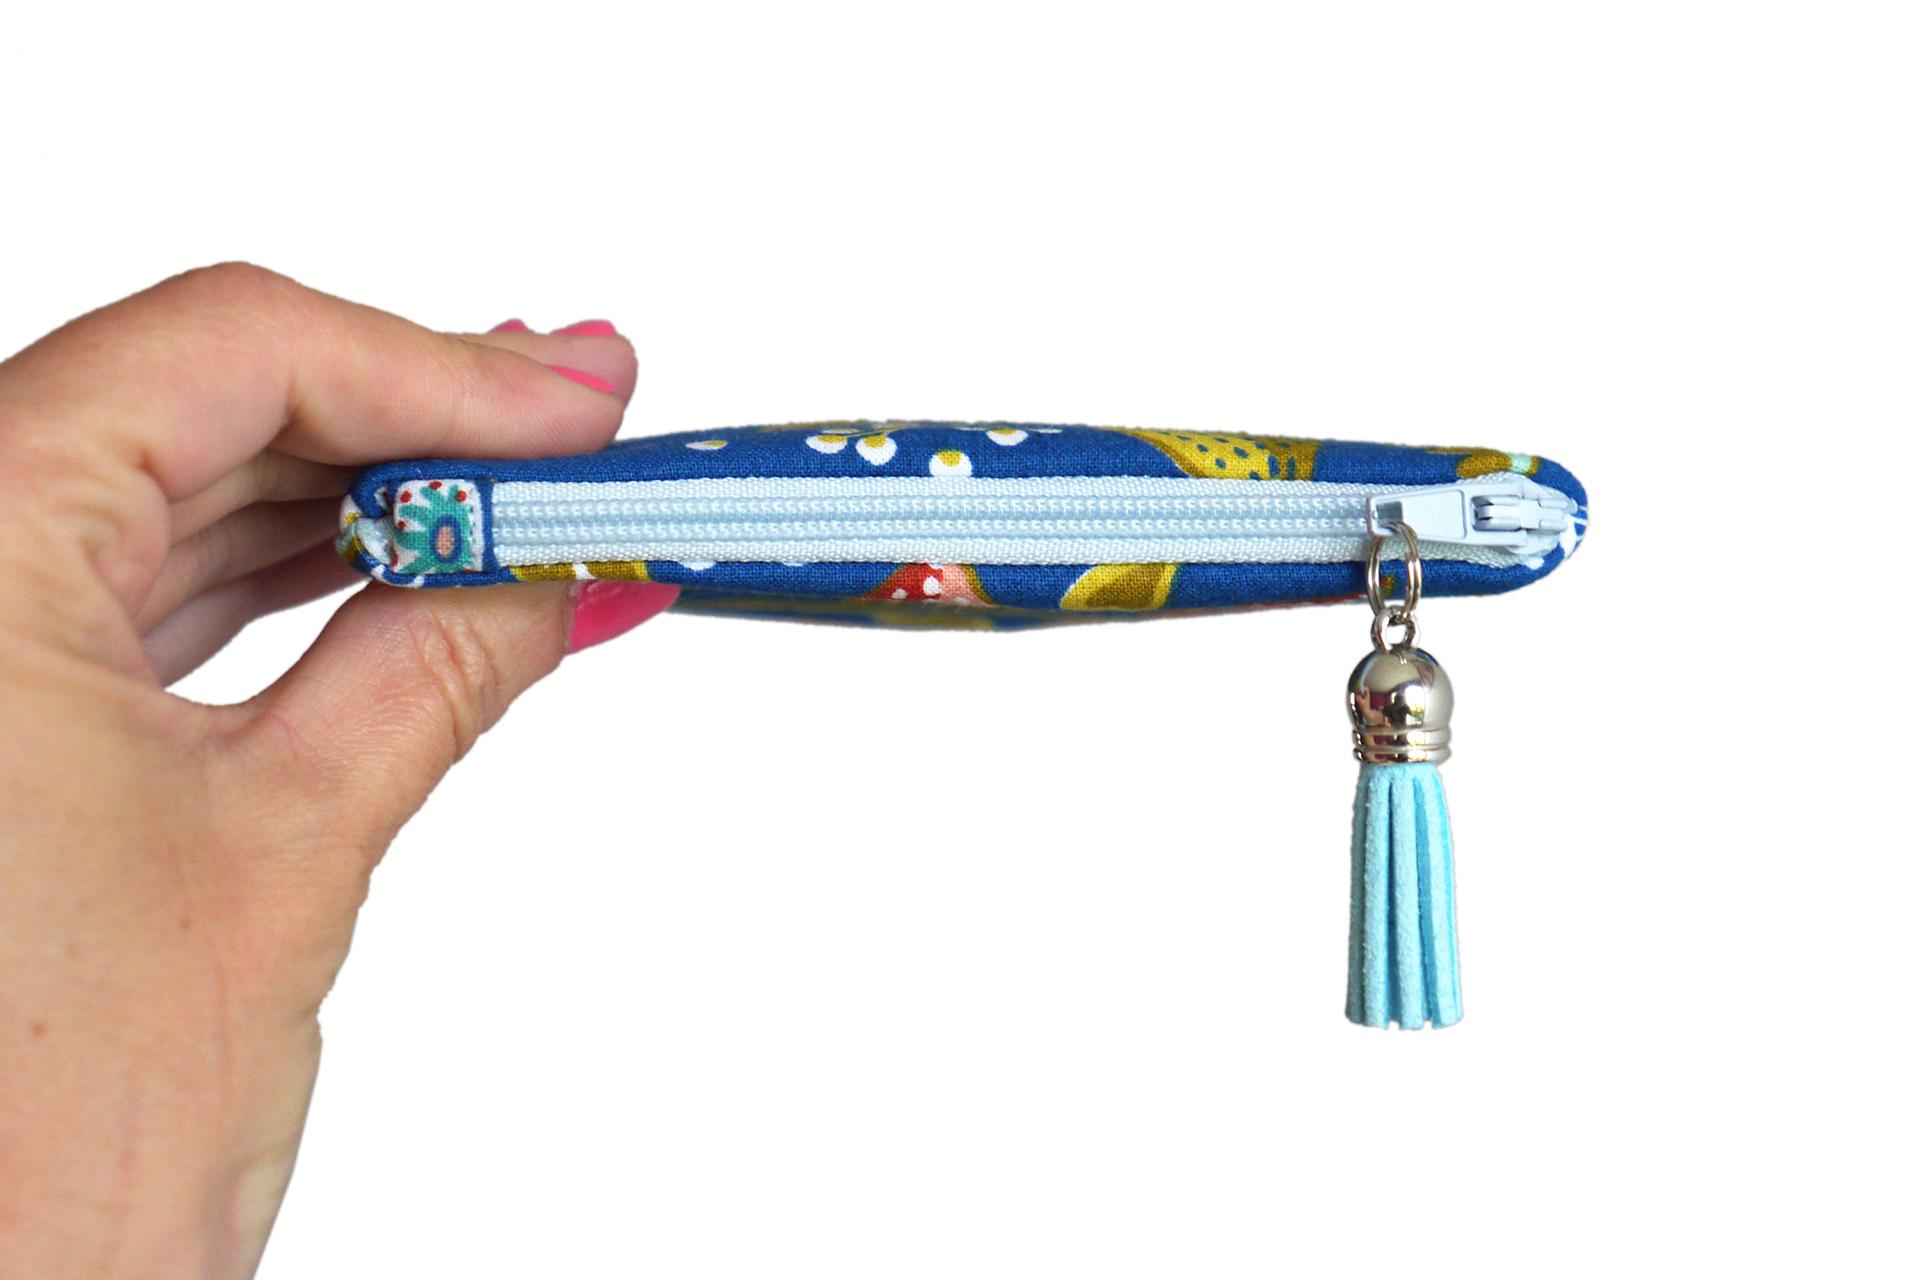 Carte Bleue Zip.Mini Porte Monnaie Femme Ancolie Format Carte De Credit Tissu Fleurs Multicolores Fond Bleu Zip Turquoise